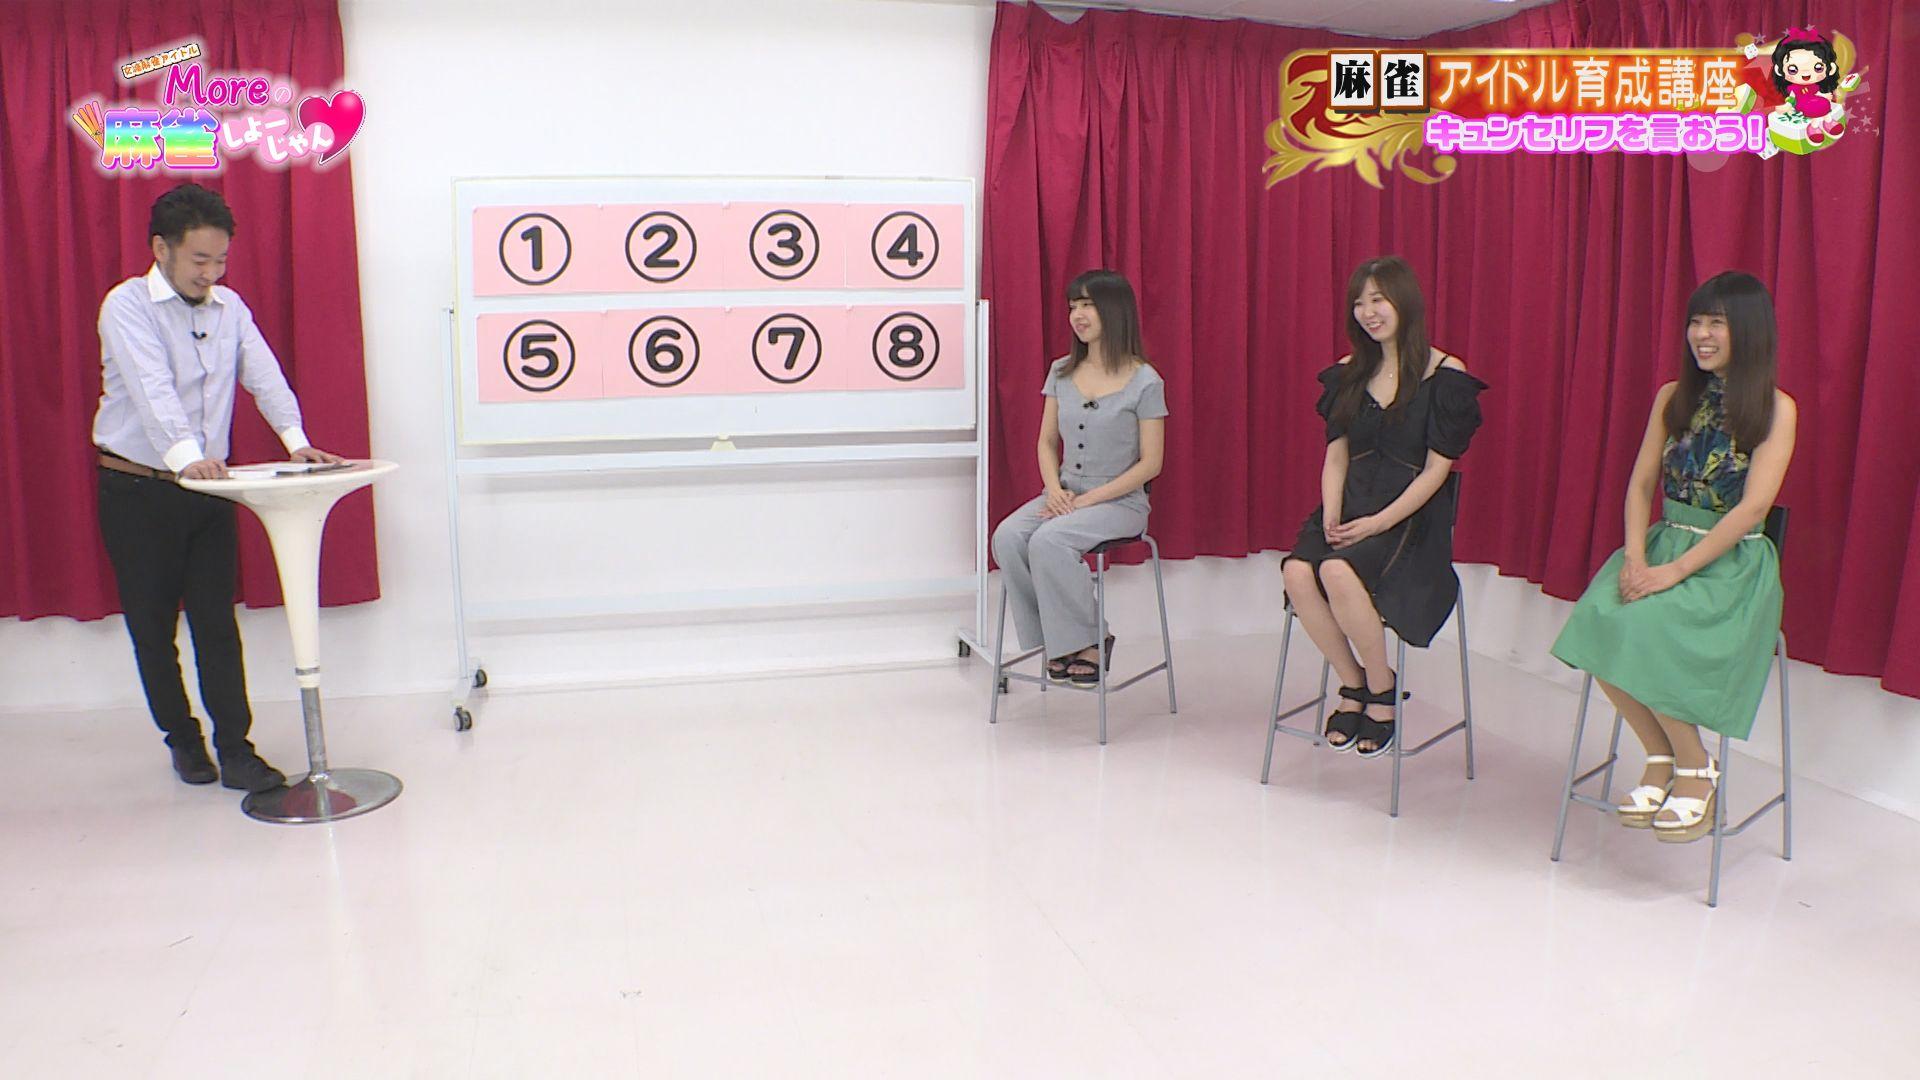 女流麻雀アイドルMoreの麻雀しよーじゃん #30